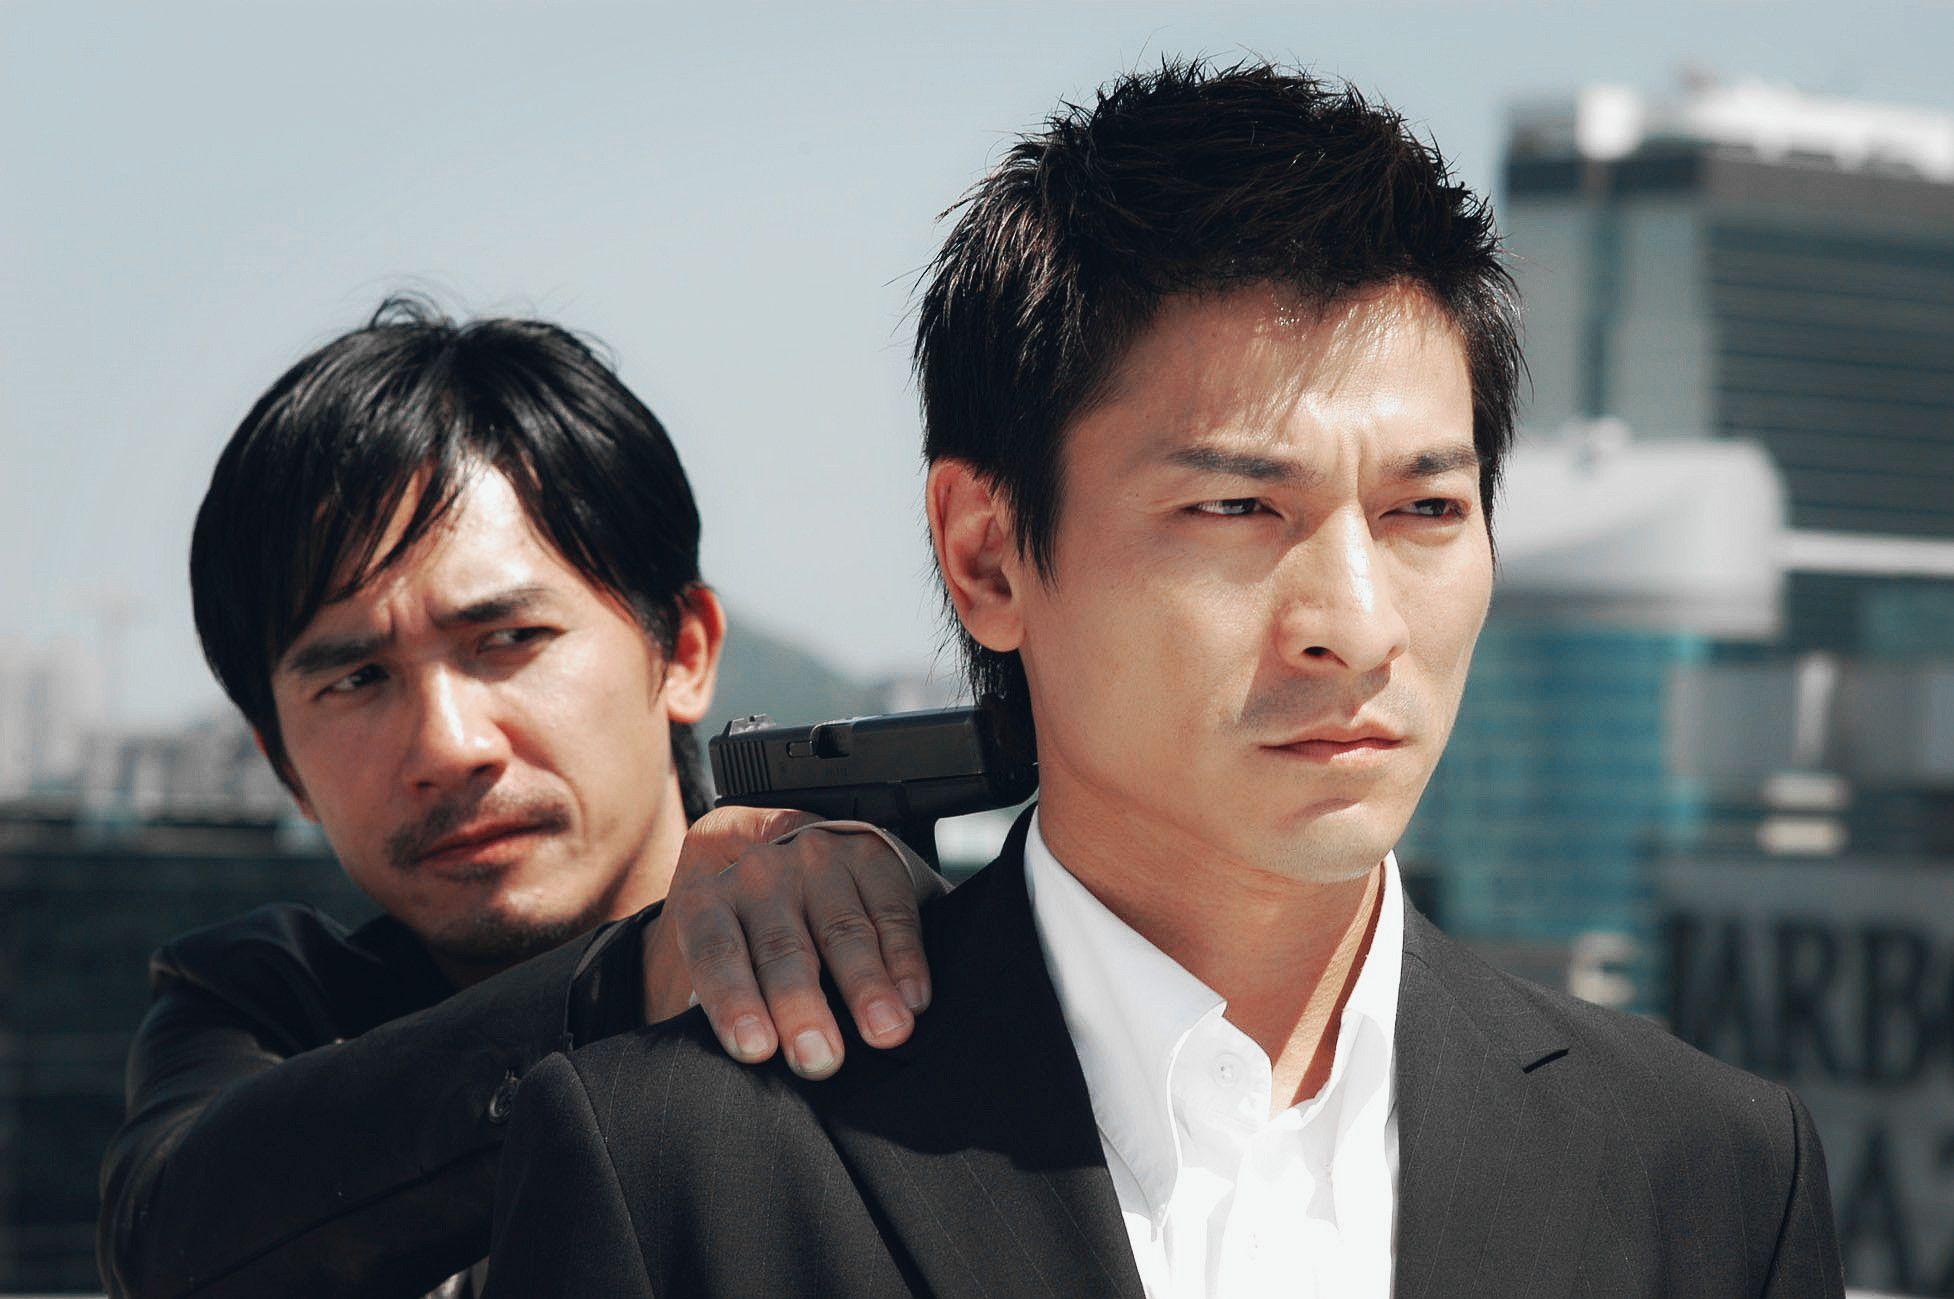 15 bộ phim điện ảnh để đời của tài tử Lương Triều Vỹ (P2)